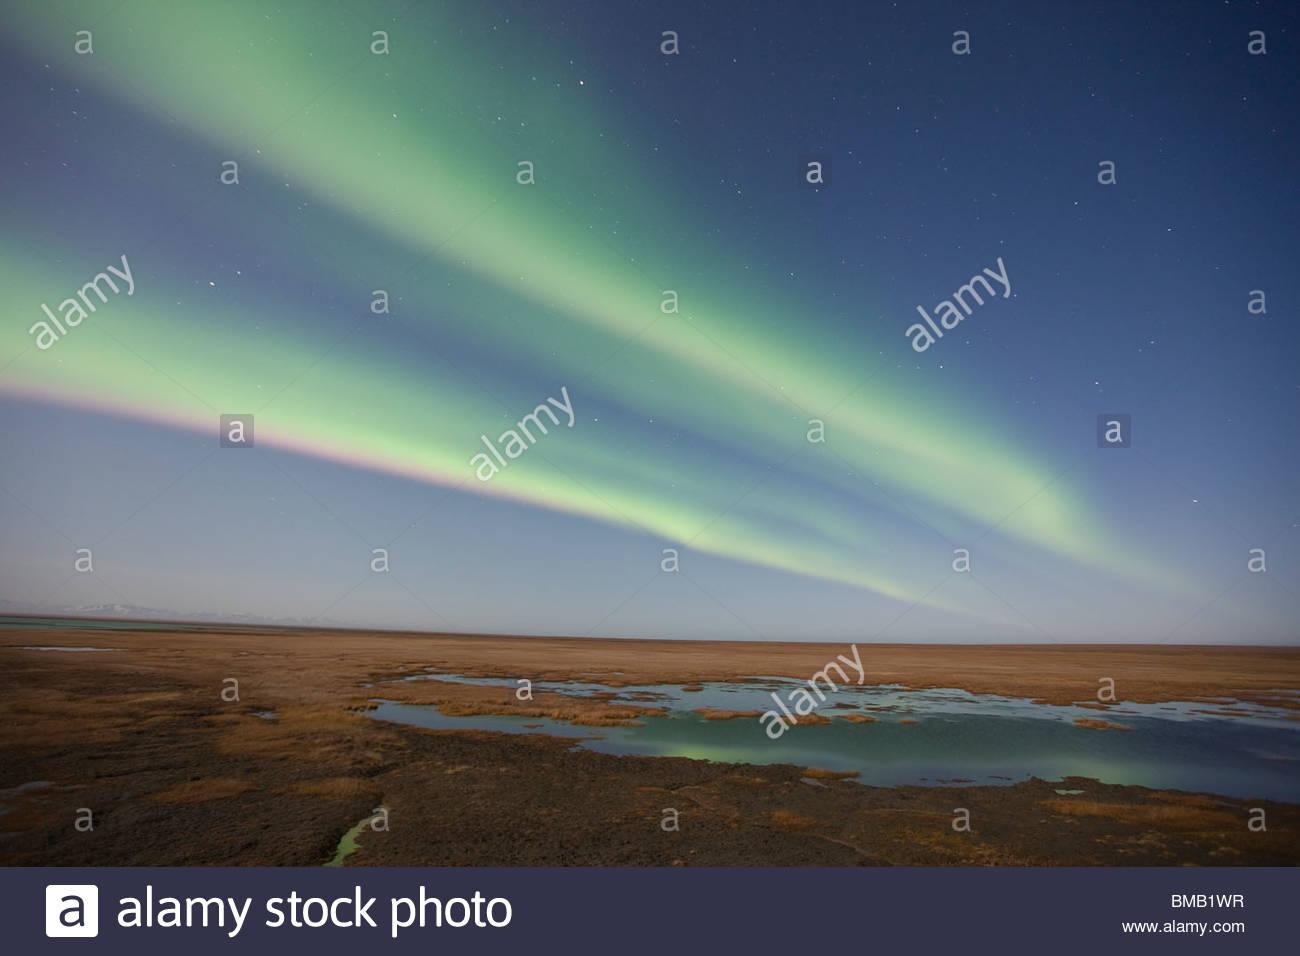 Vorhänge aus farbigen Nordlichter (Aurora Borealis) tanzen am Nachthimmel über der arktischen Tundra auf Stockbild